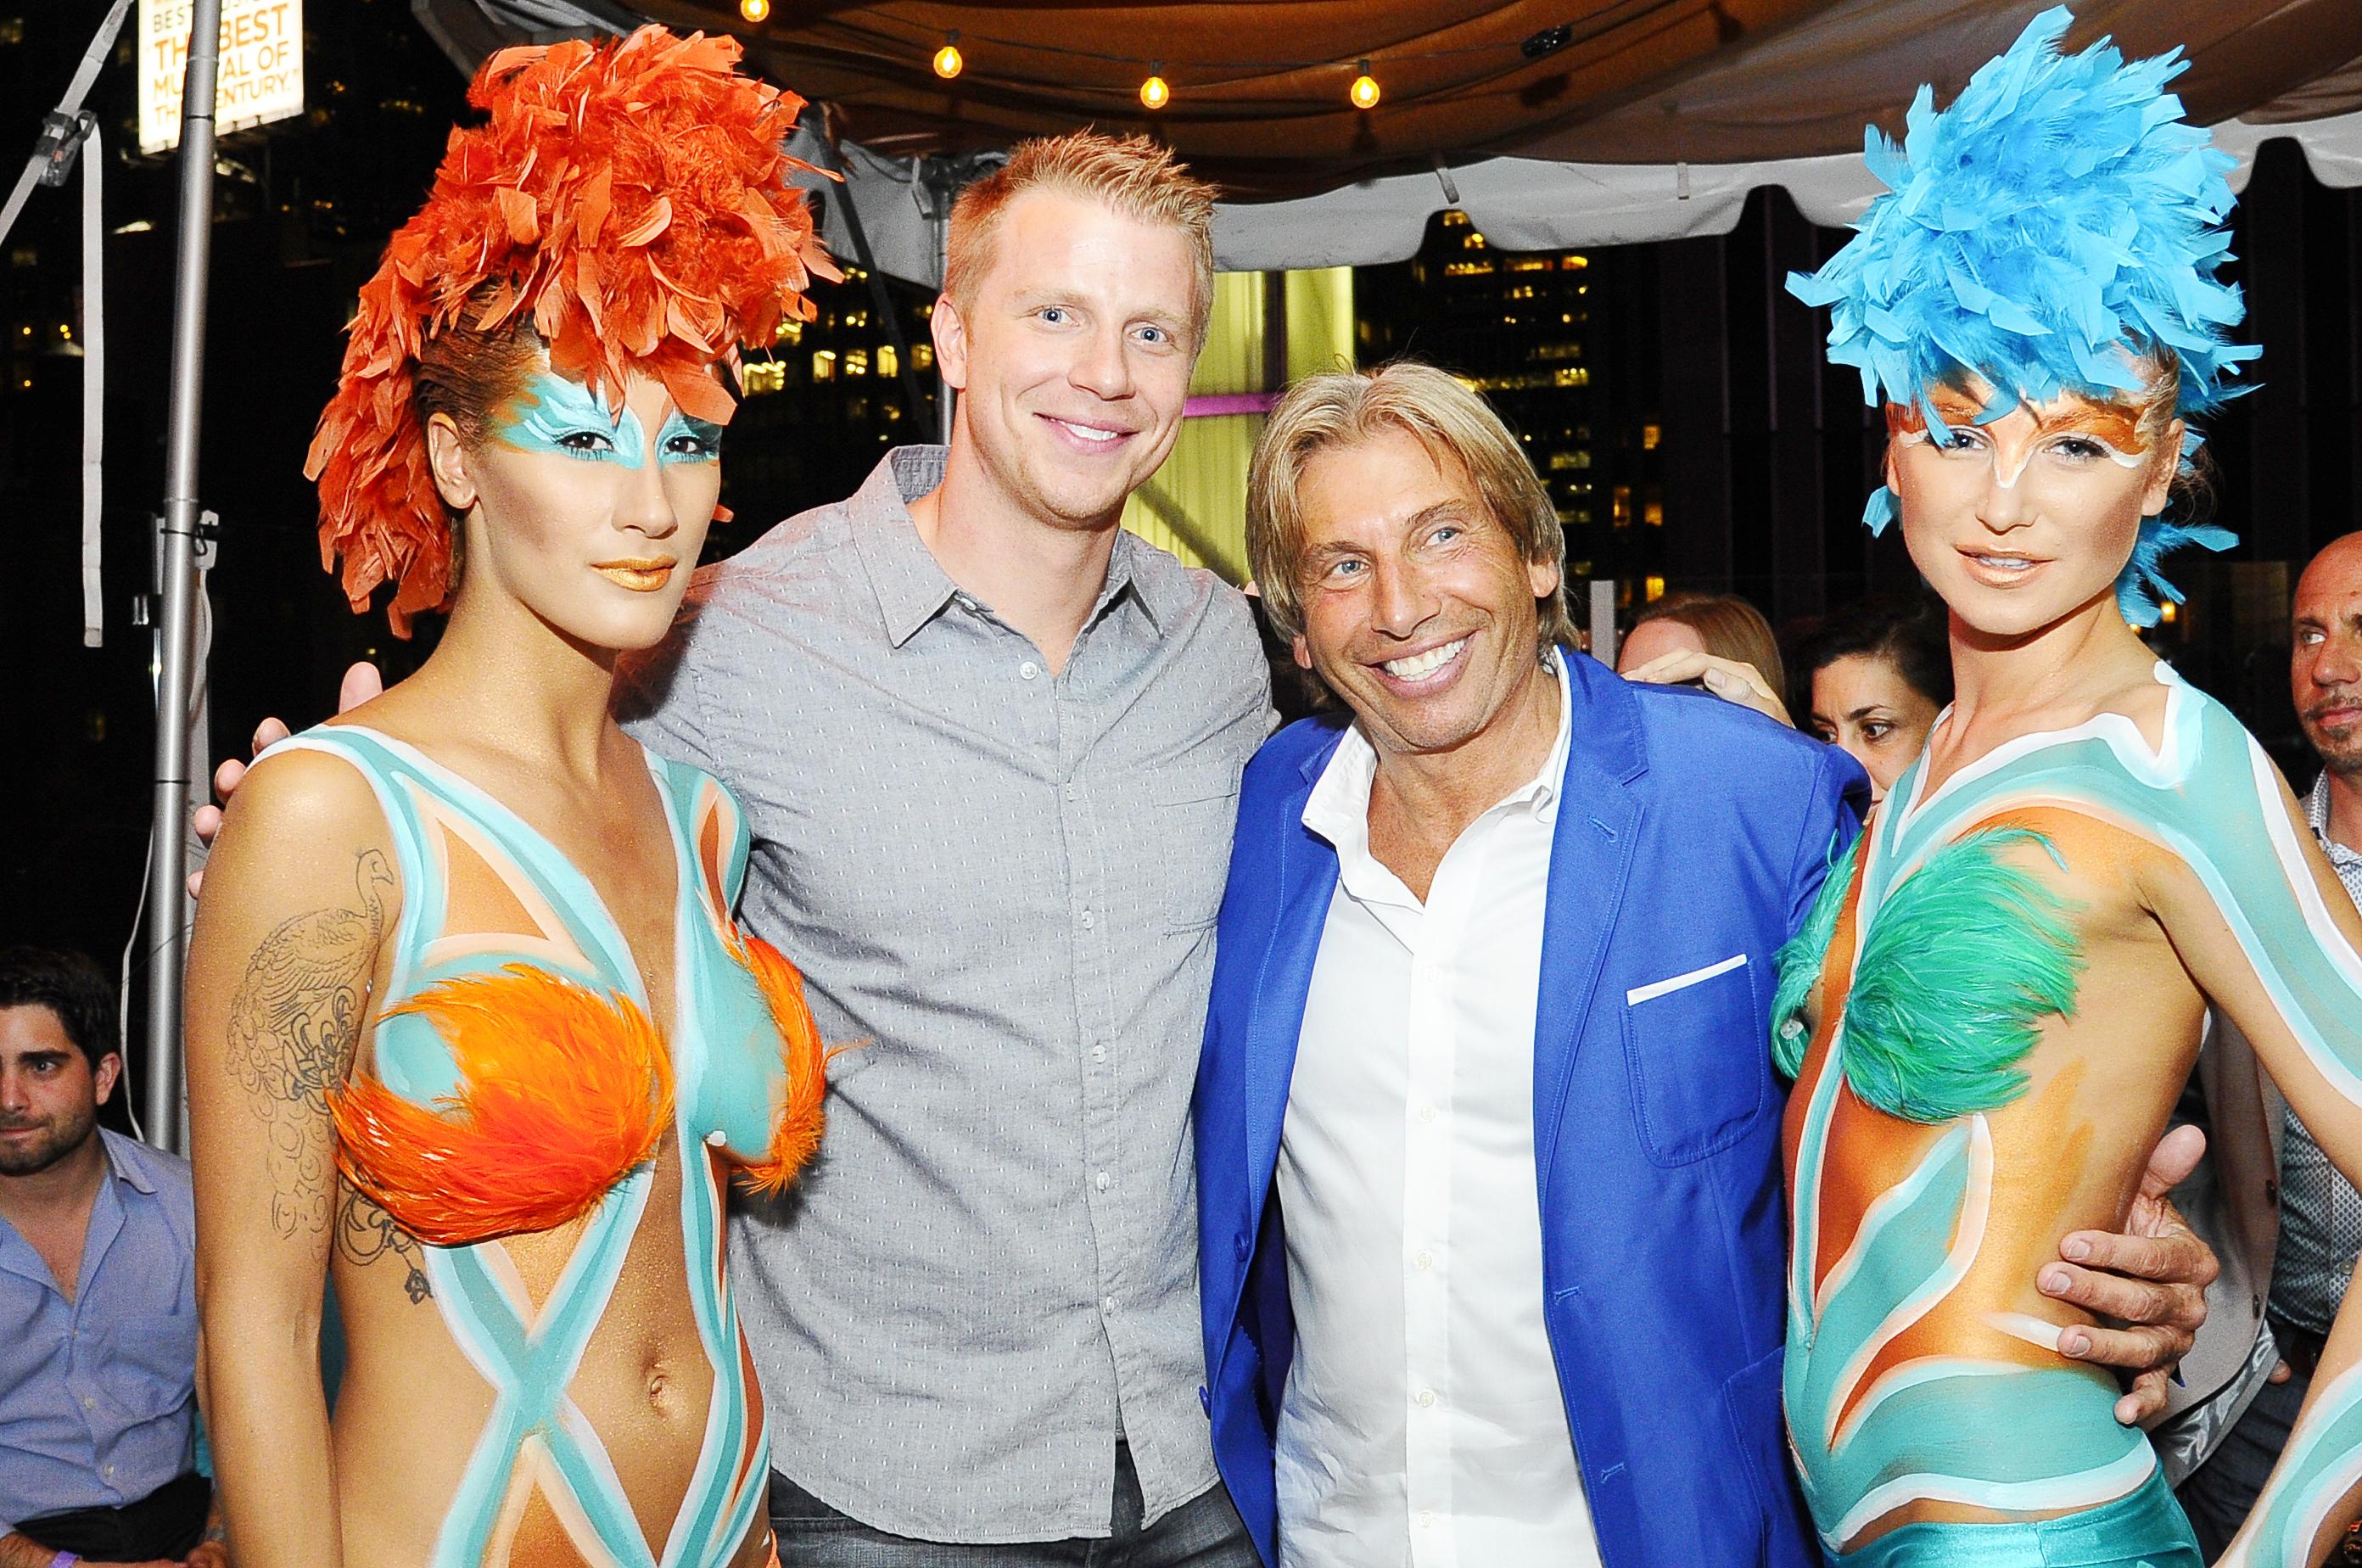 Sean Lowe, Hank Freid and Haven dancers